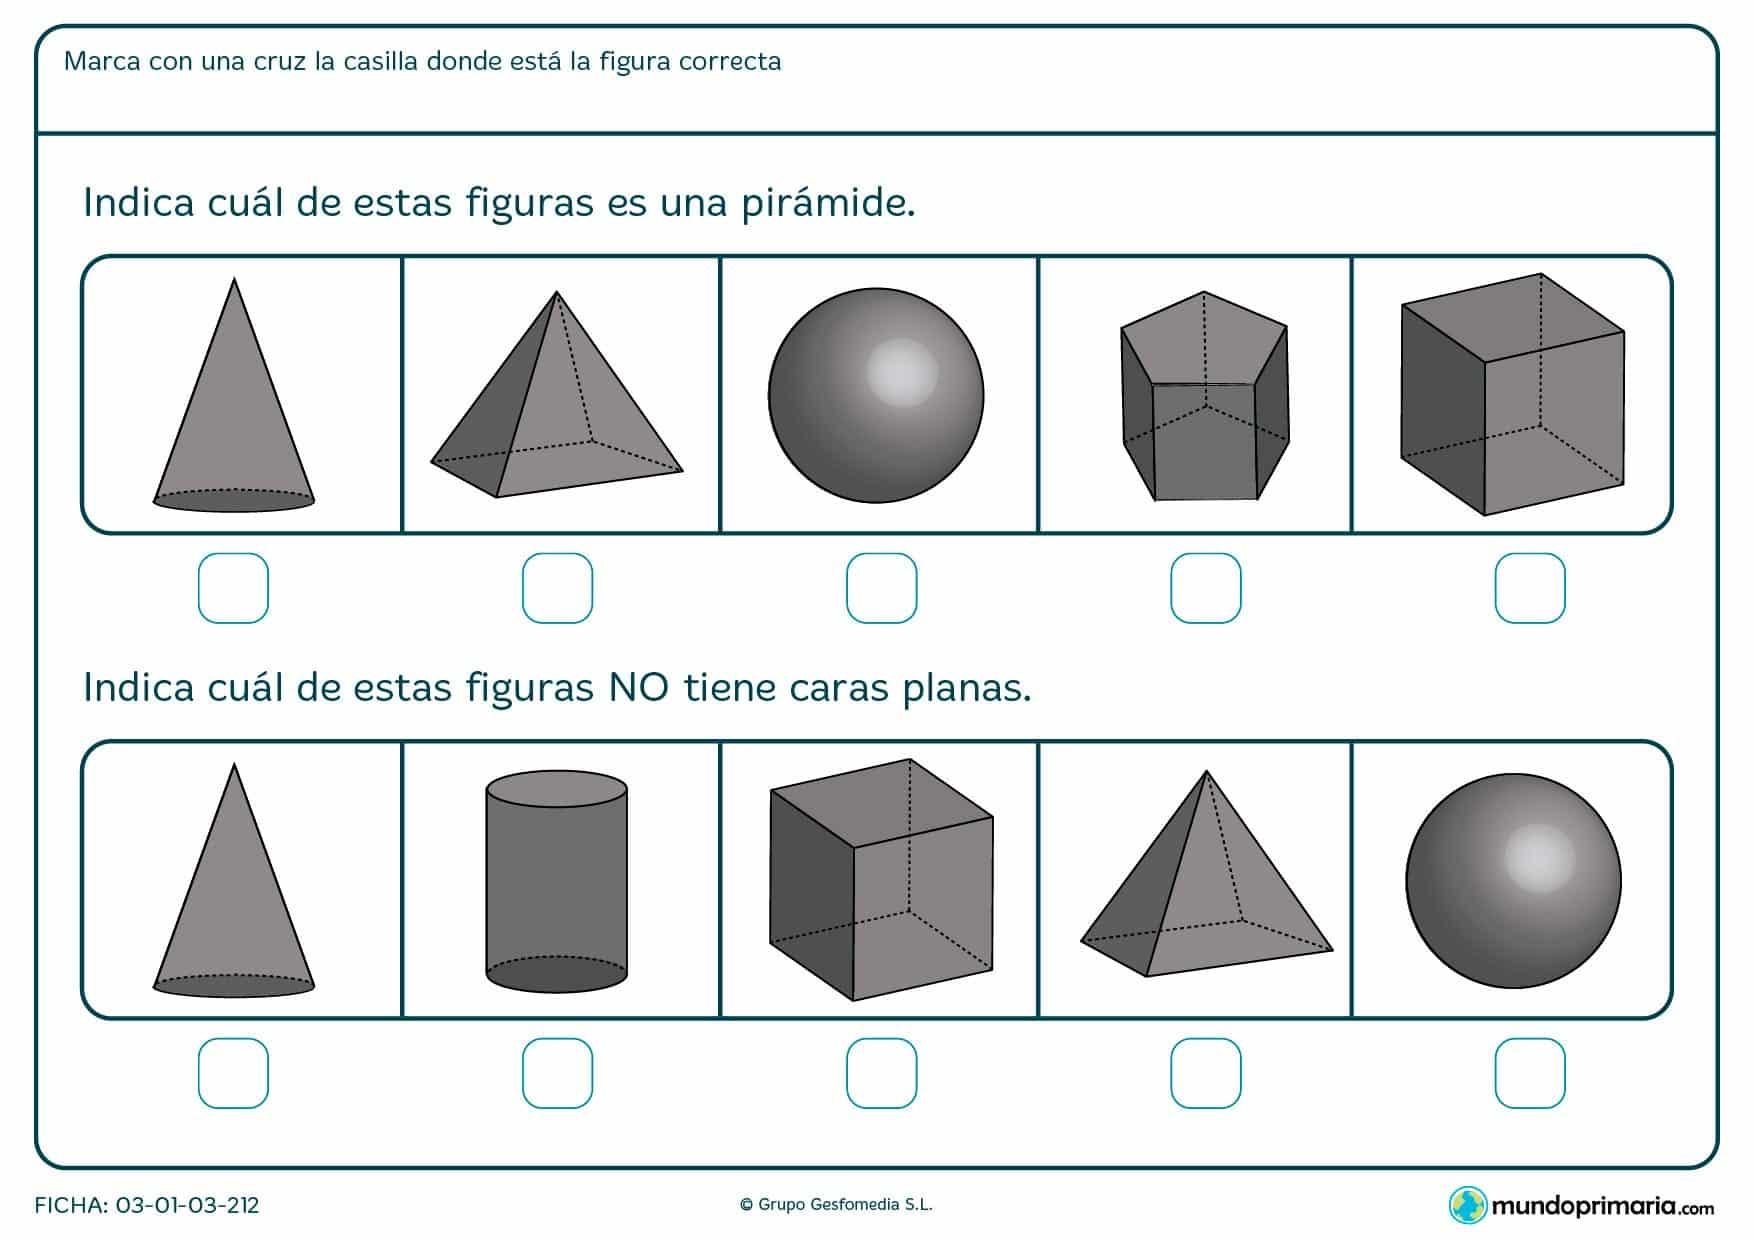 Ficha de caras planas para diferenciar varias figuras de caras planas o curvas para niños de primero de primaria.